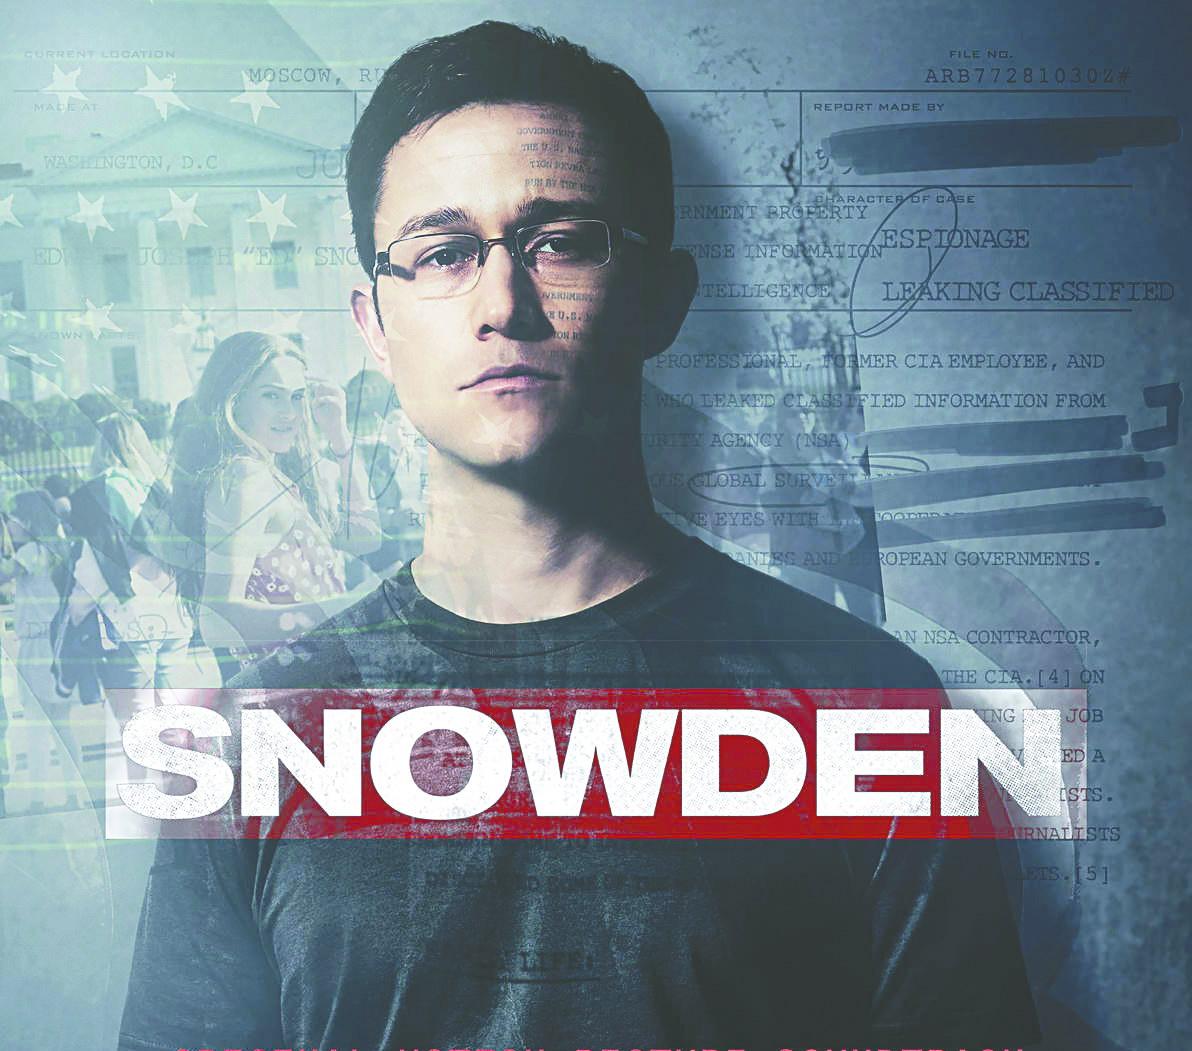 В 2016 году об Эдварде Сноудене сняли фильм